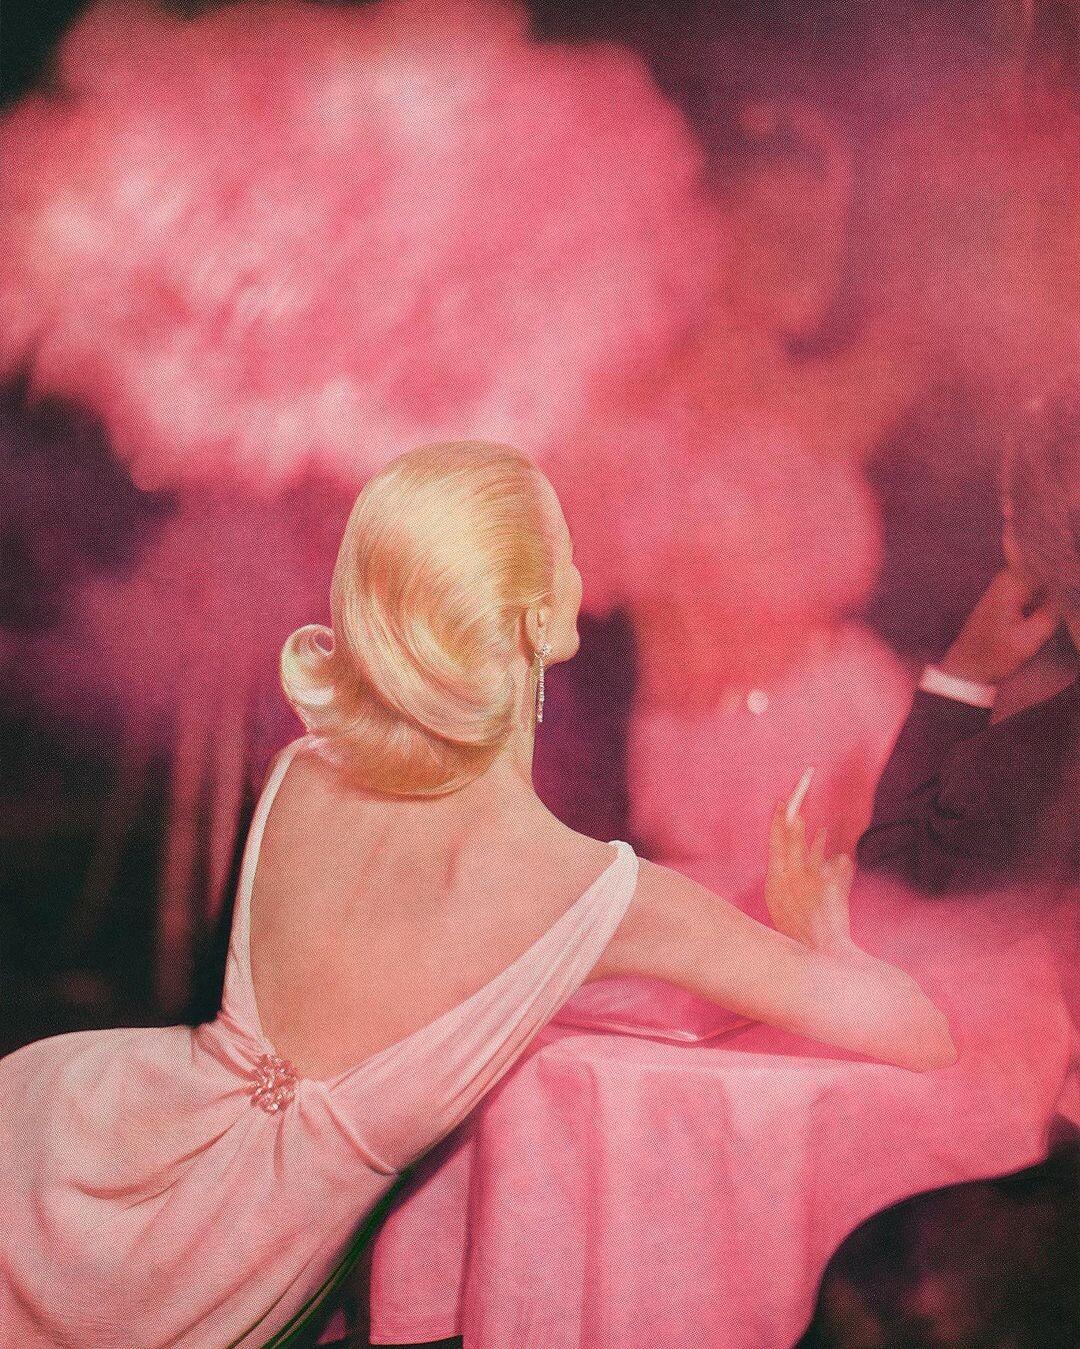 Санни Харнетт, 1957. Фотограф Ричард Аведон